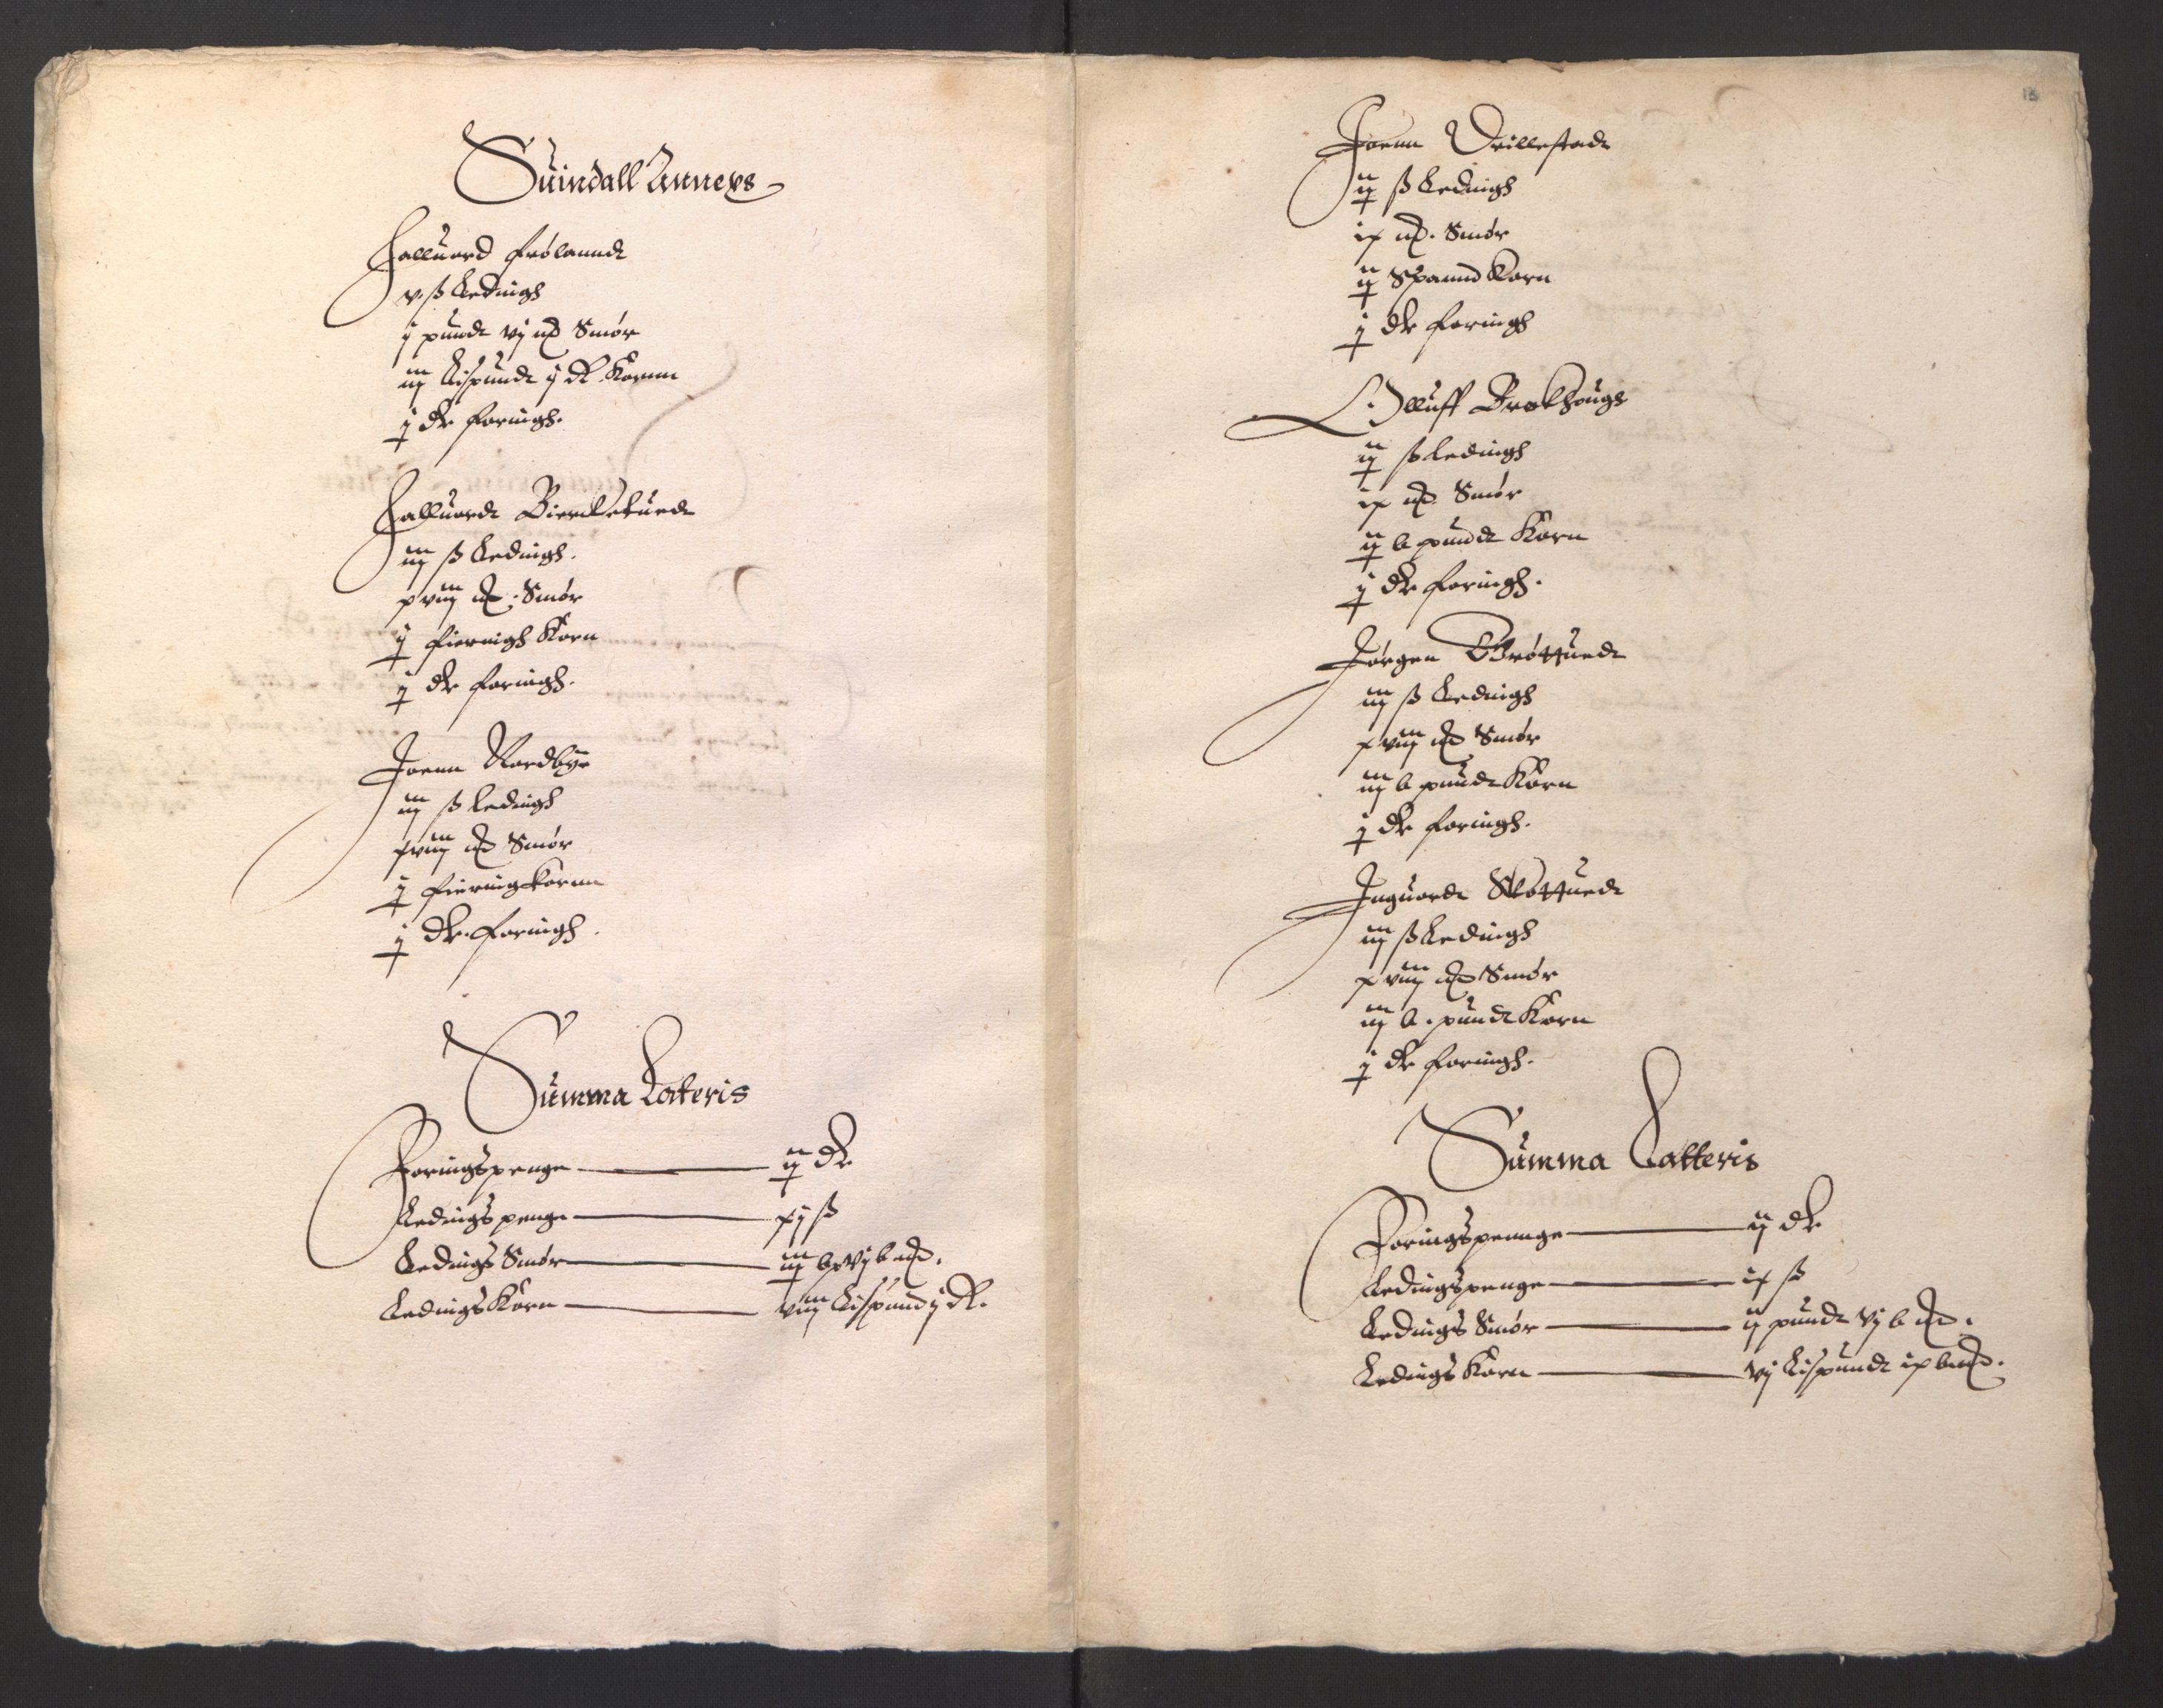 RA, Stattholderembetet 1572-1771, Ek/L0001: Jordebøker før 1624 og til utligning av garnisonsskatt 1624-1626:, 1624-1625, s. 196